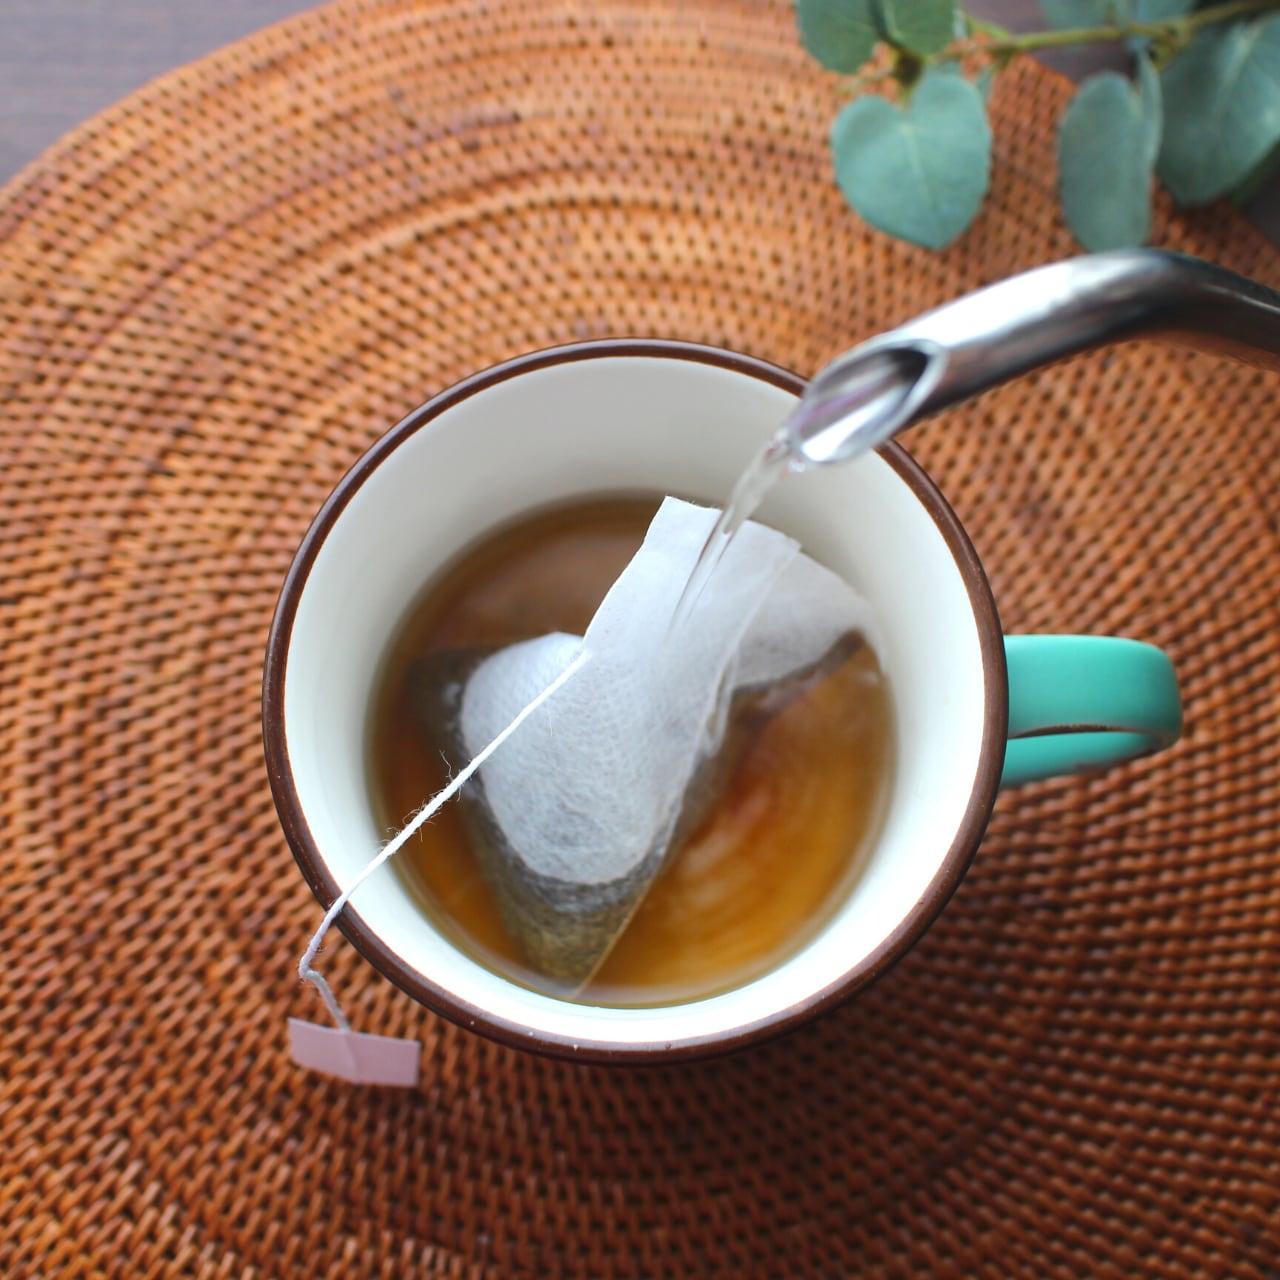 カフェインレス  コーヒーバッグ  10個入り  ★お好きなコーヒー豆を選んでください★